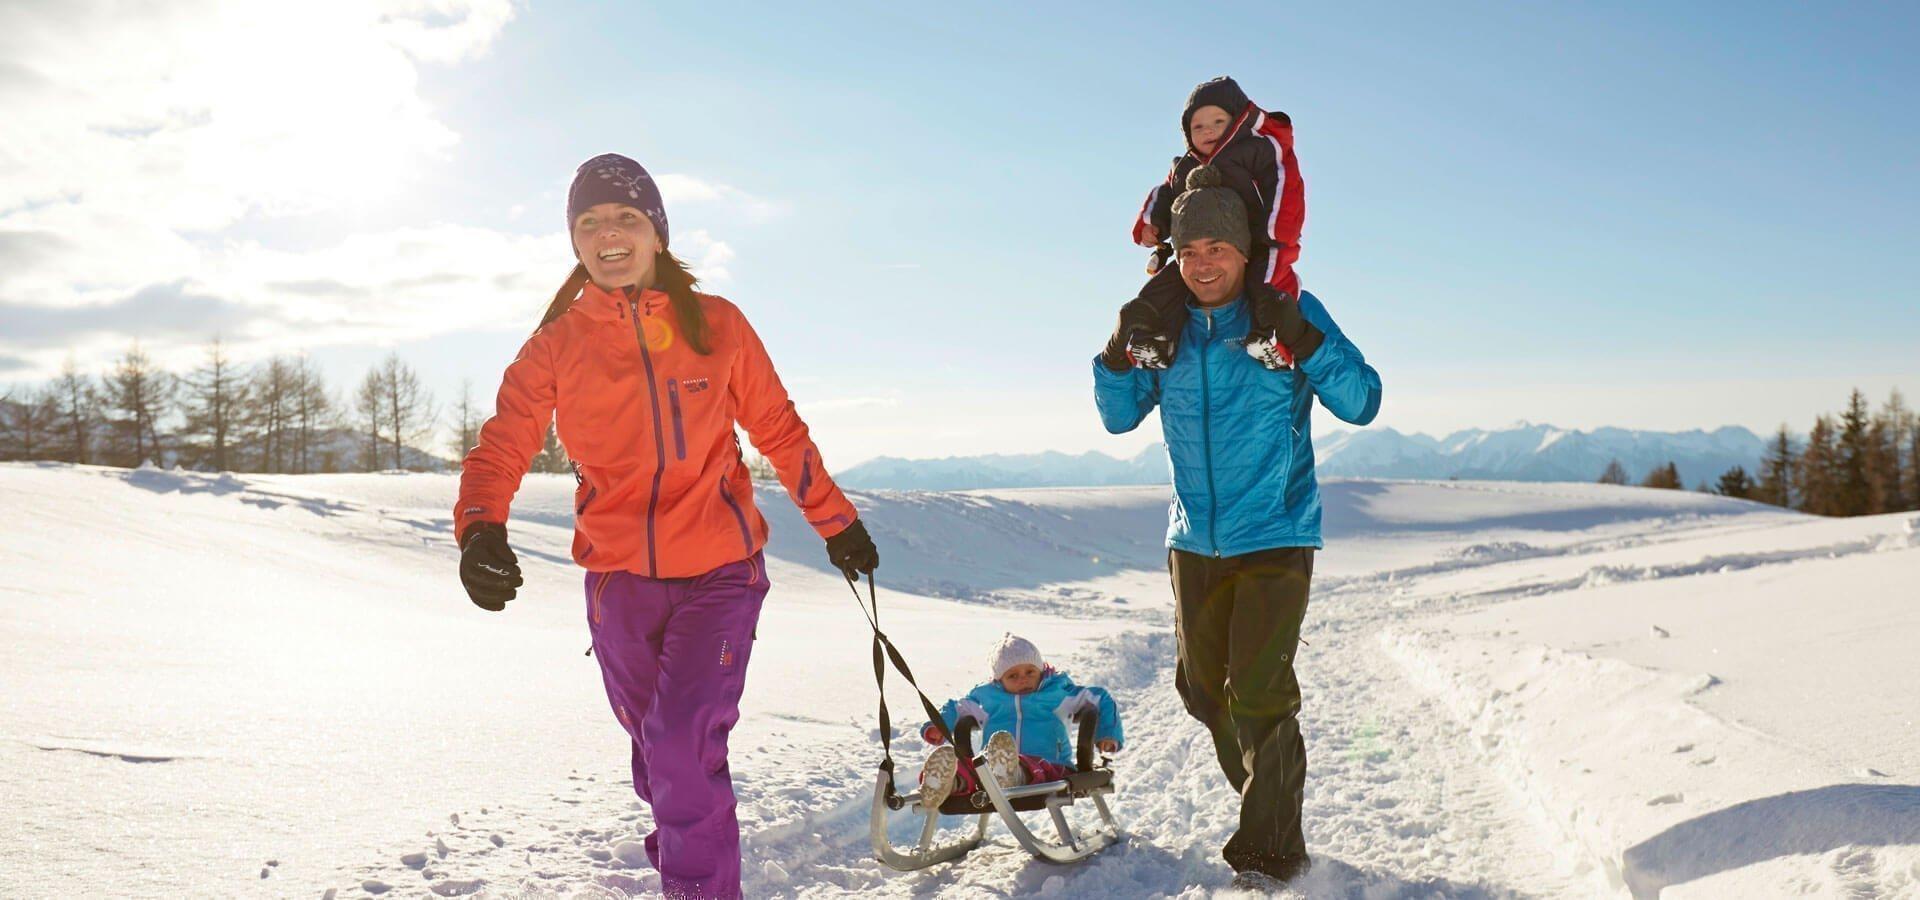 winterwandern-rodeln-kaltern-suedtirol